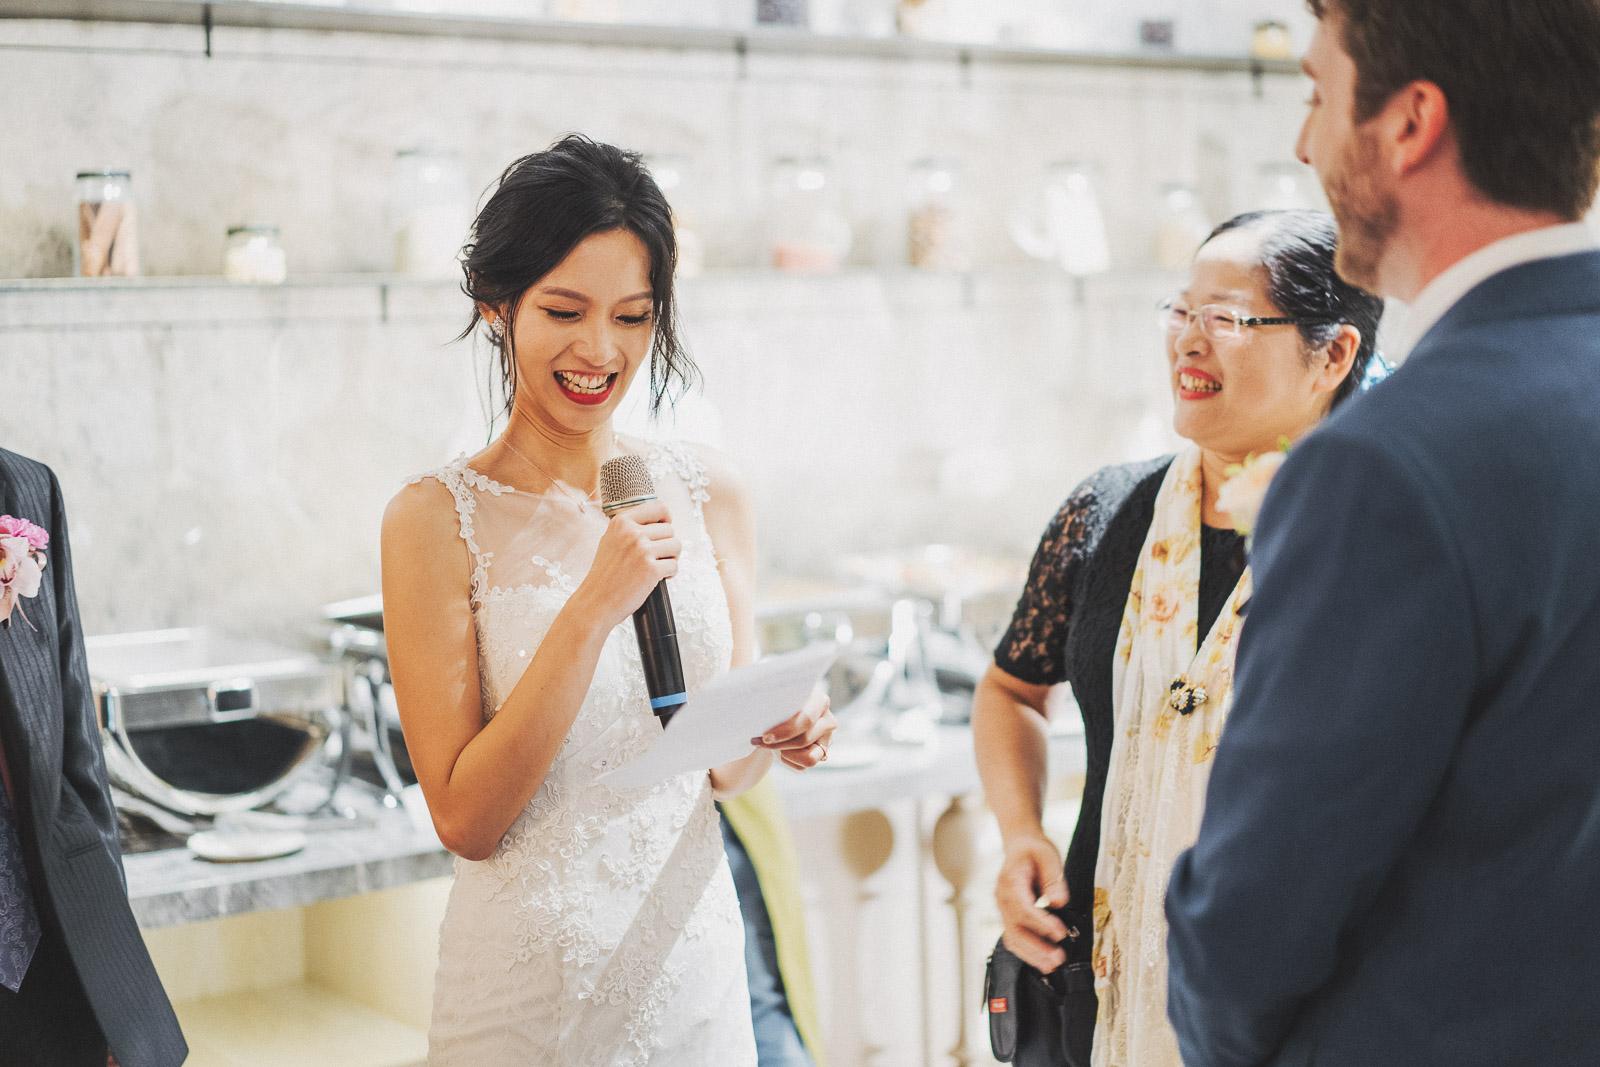 婚禮攝影師,美式婚禮